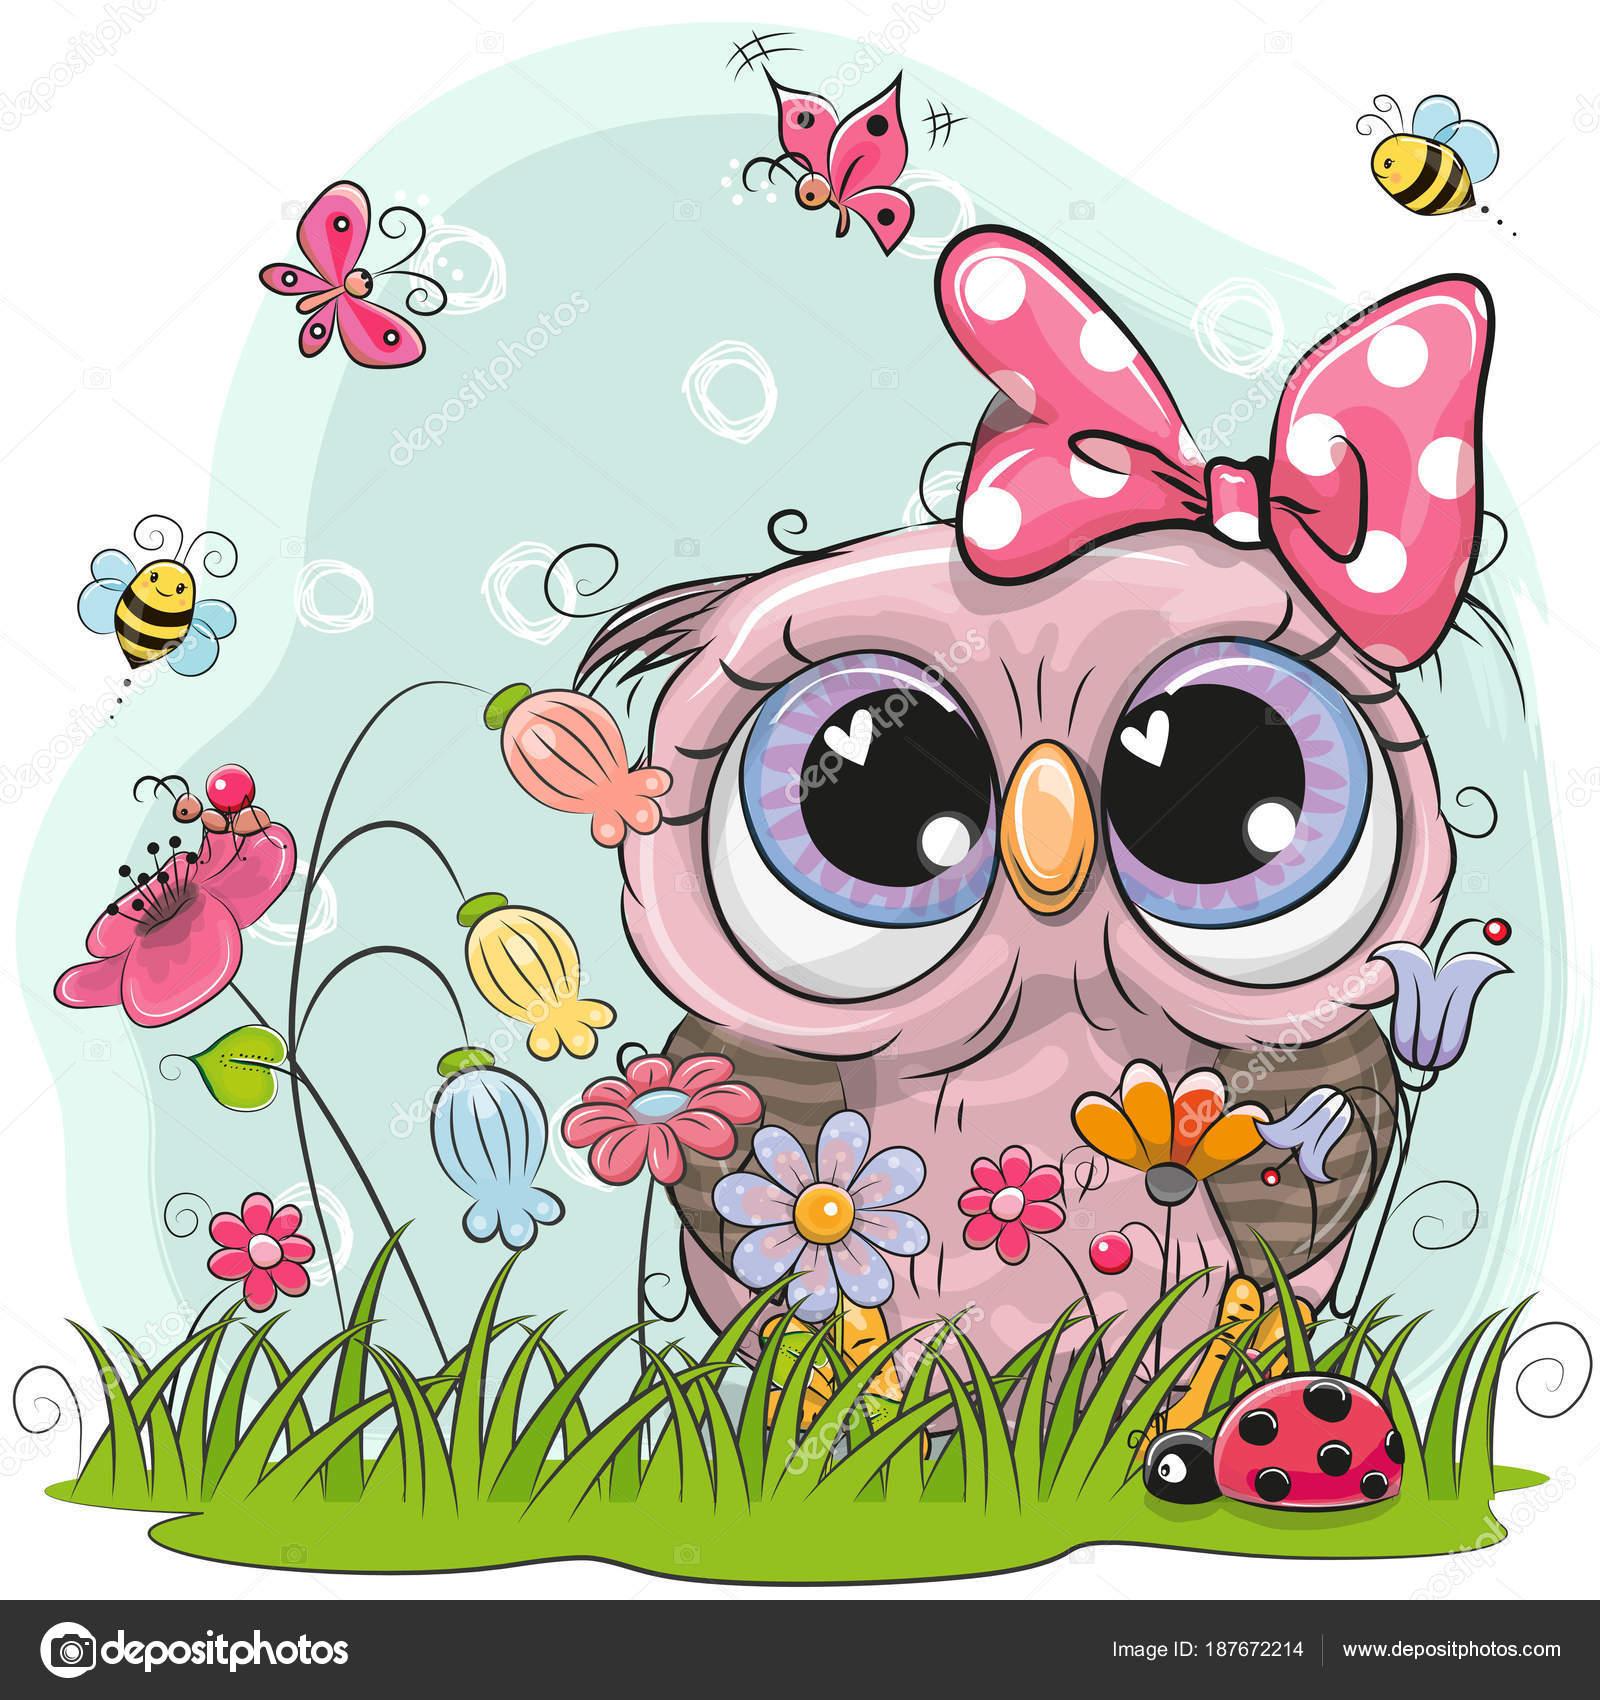 Dibujos Ilustraciones De Mariposas Y Flores Búho Lindo Con Flores